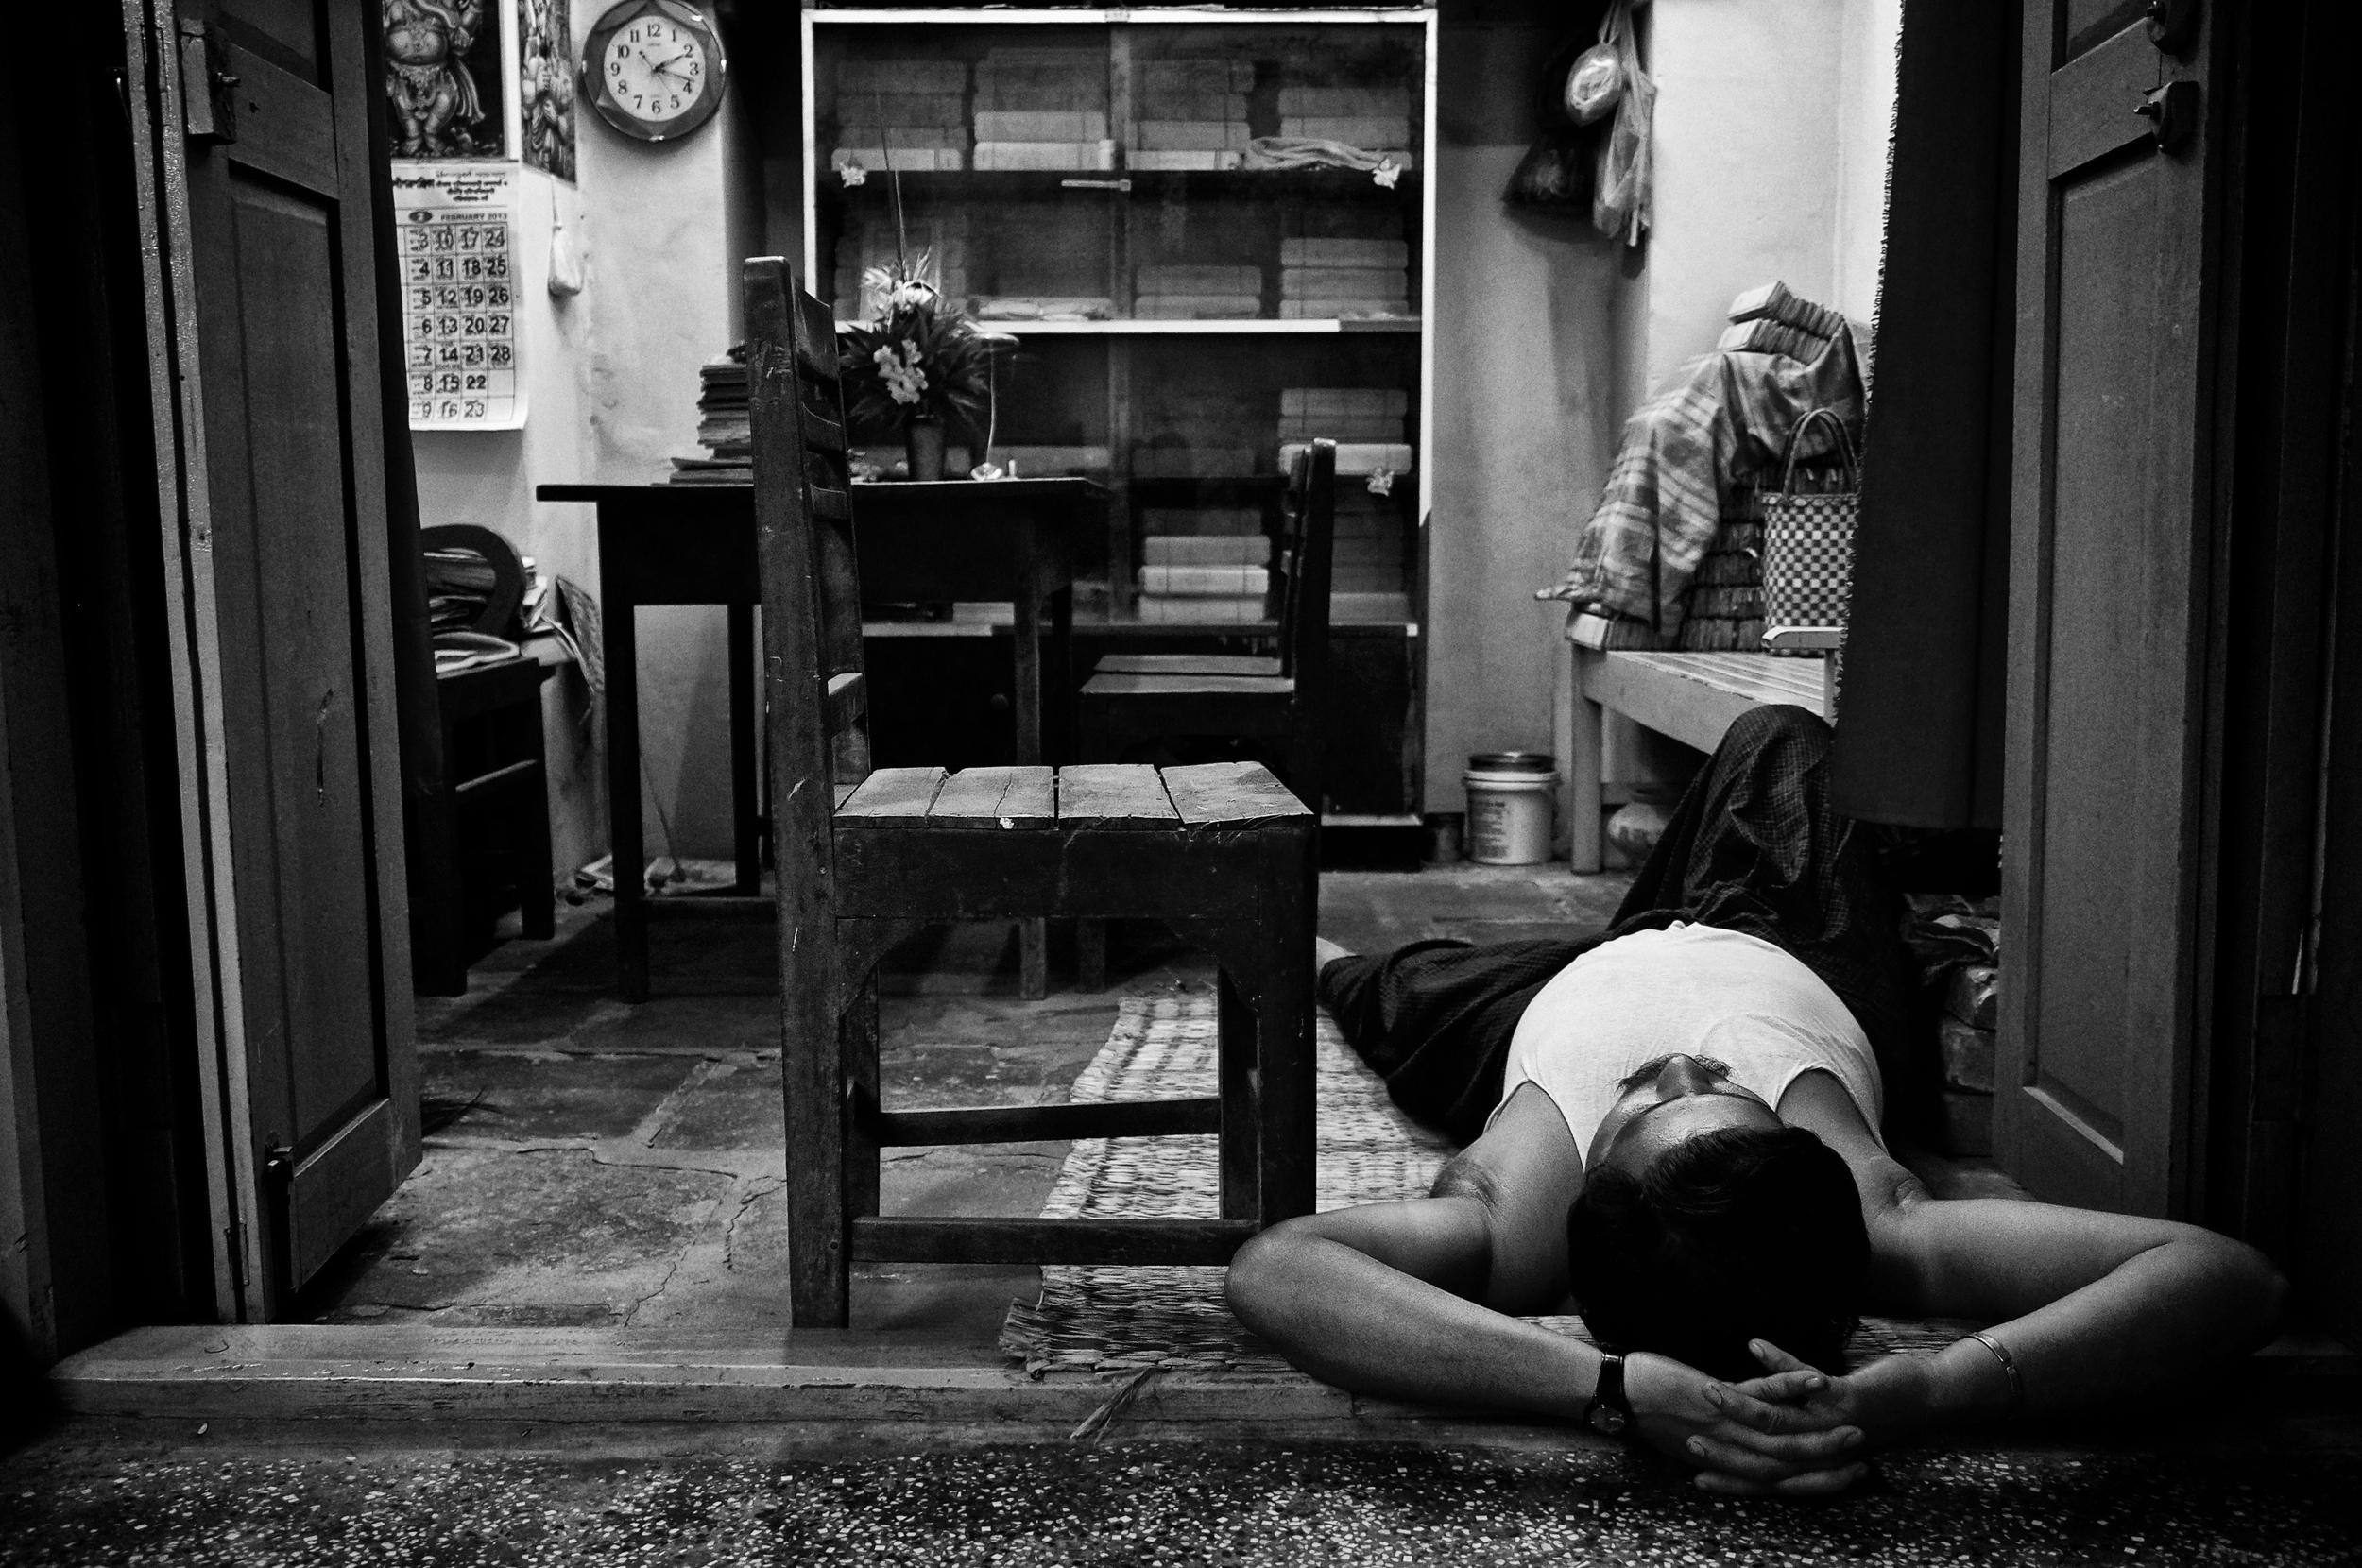 Sleeping in the floor.jpg